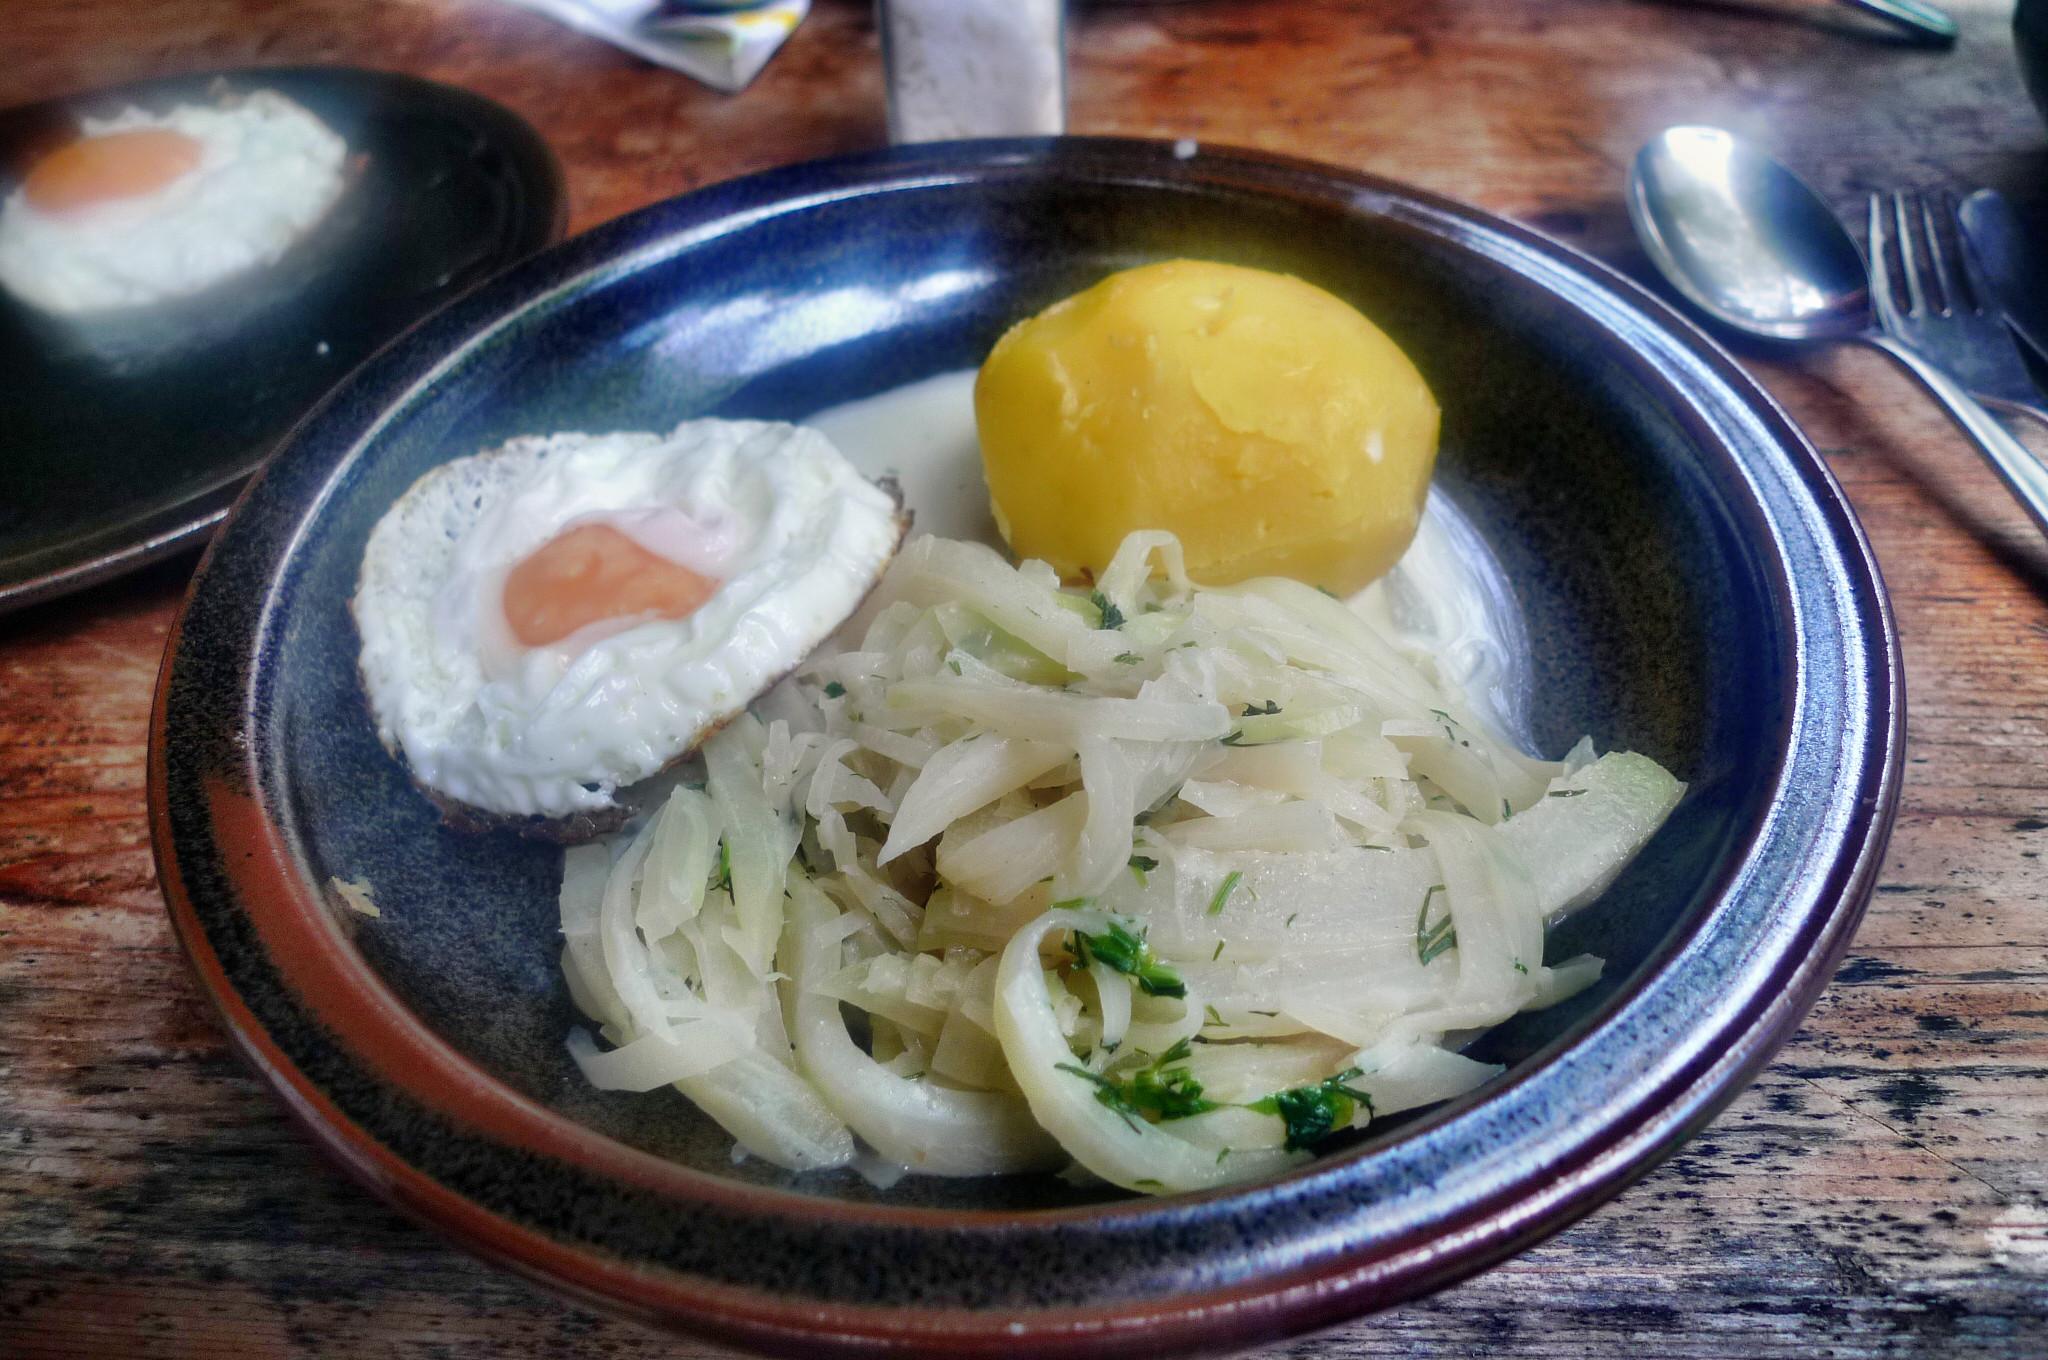 Kohlrabigemüse,Spiegelei,Kartoffel -18.9.14   (7)